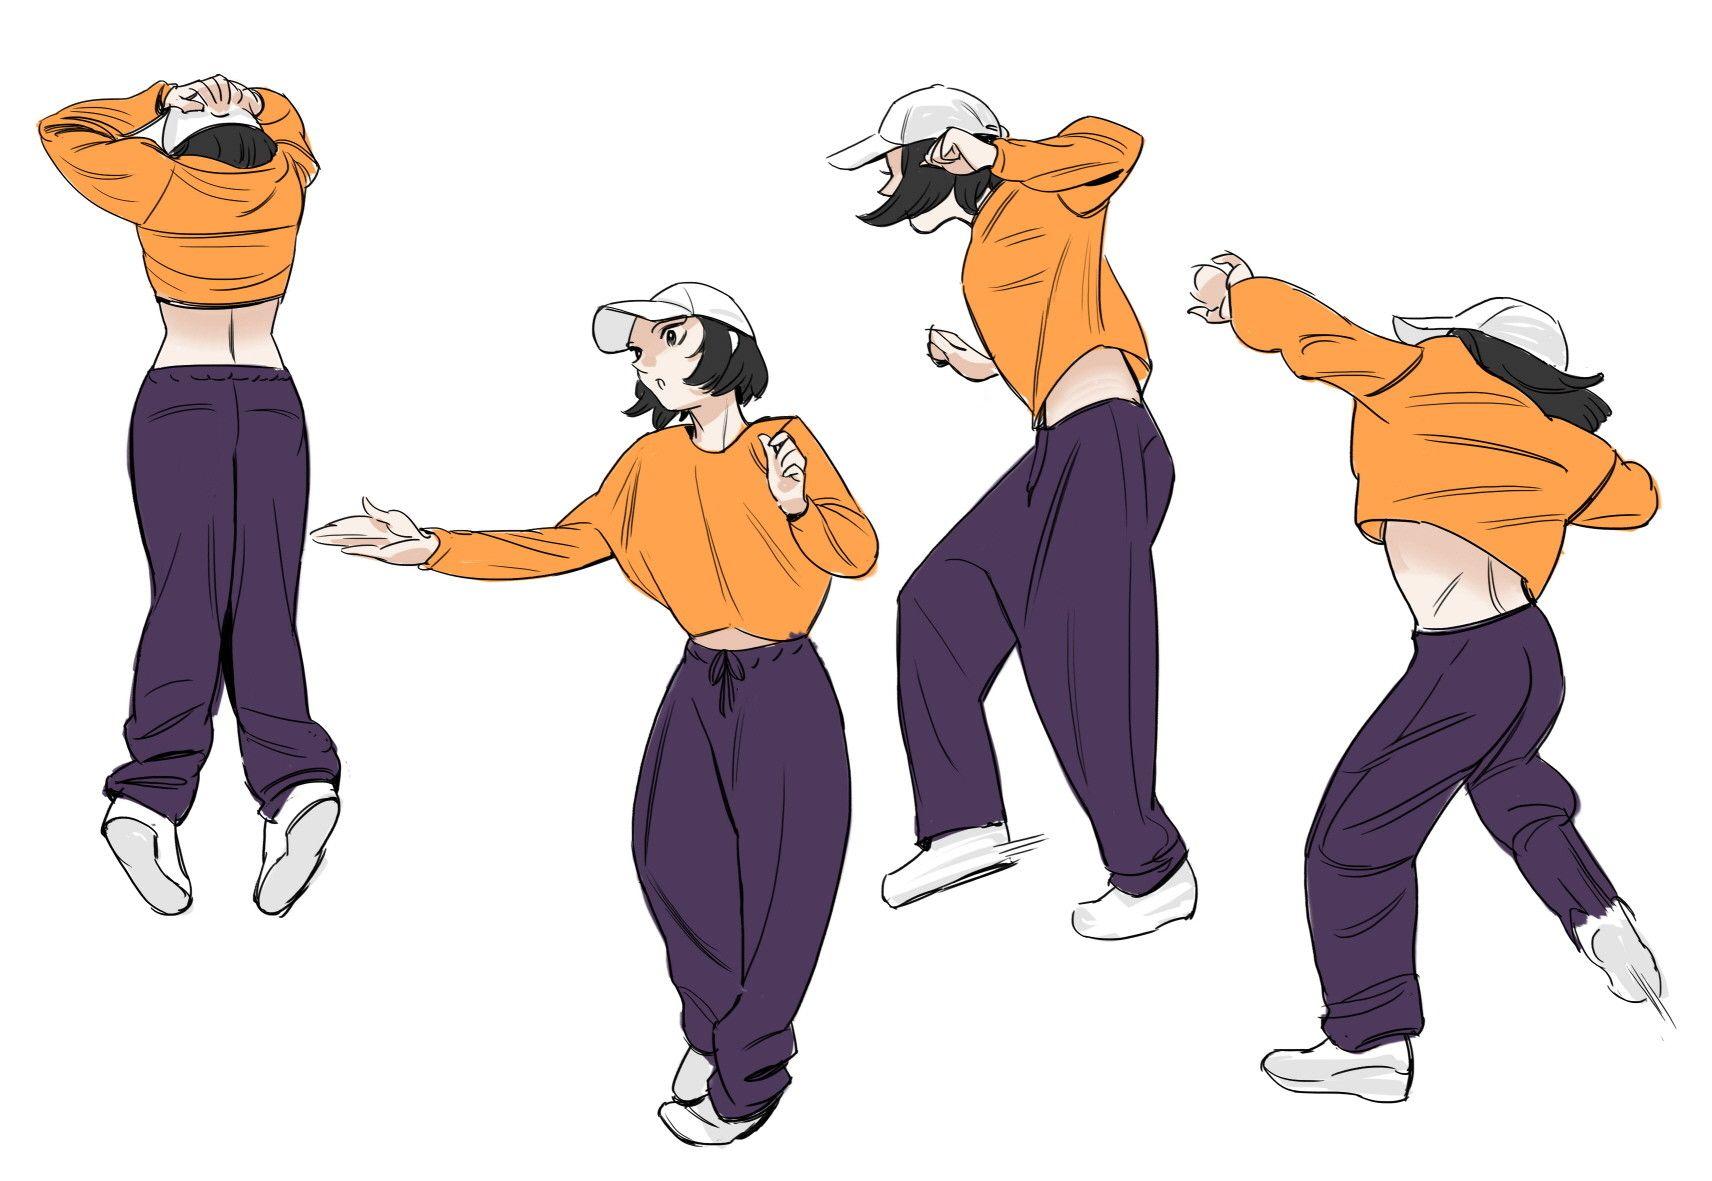 Dancing Figures Anime Character Dancing Drawings Dancing Figures Art Poses